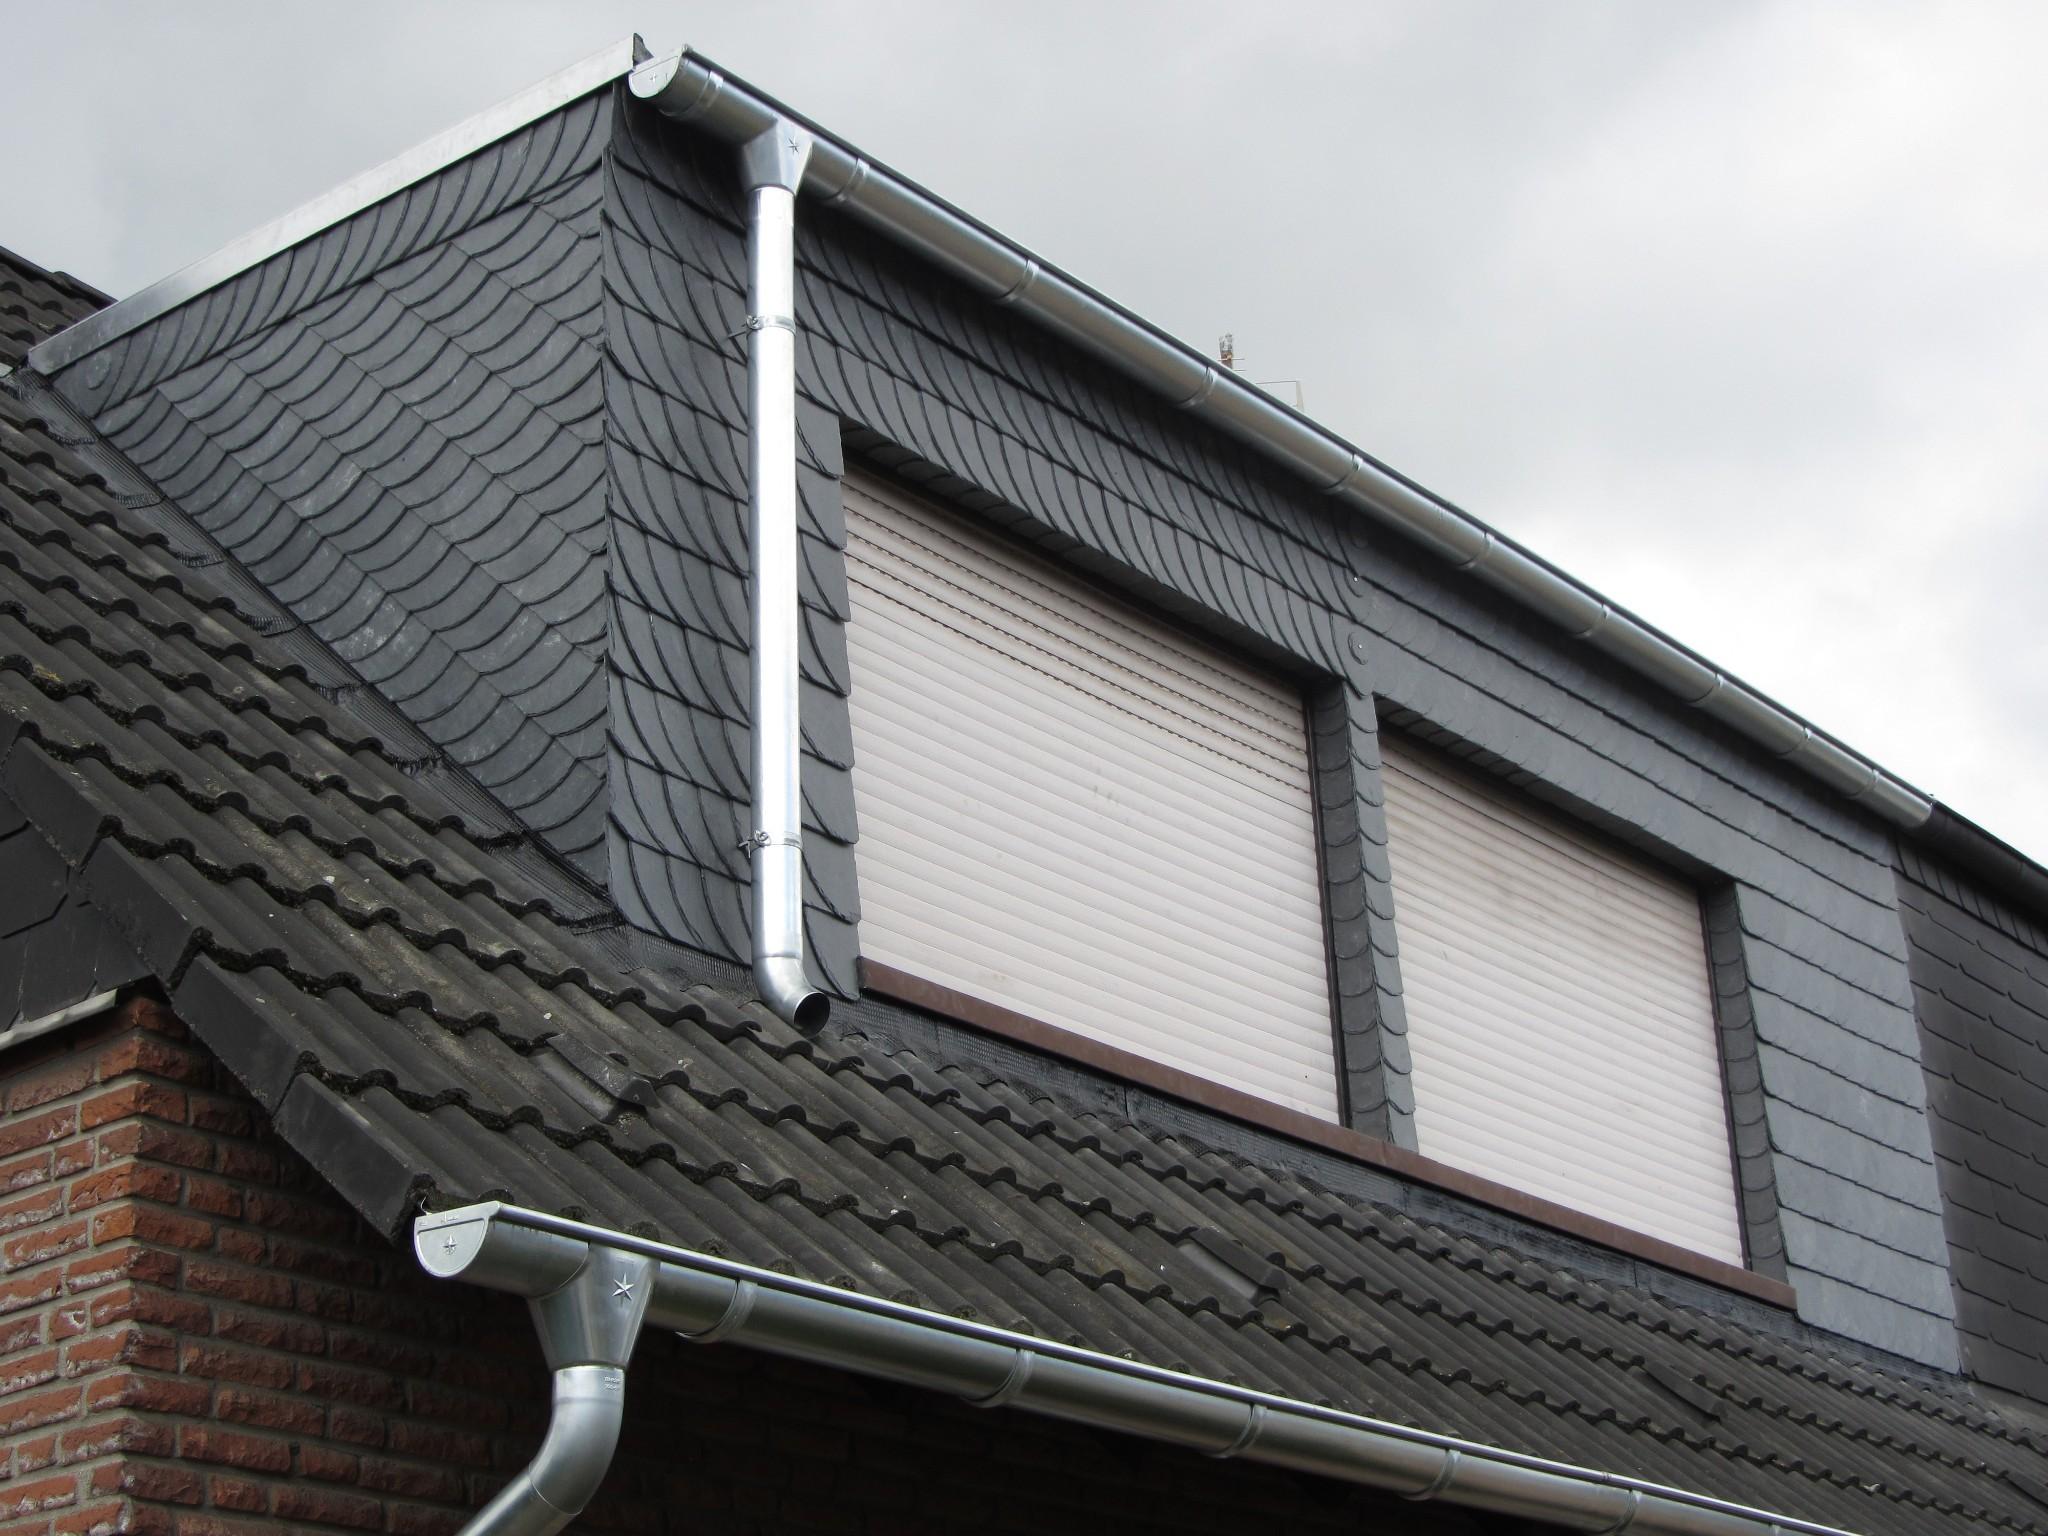 Dachrinnen | Dachtechnik Pohl - Dachdecker in Moers, Duisburg & Umgebung